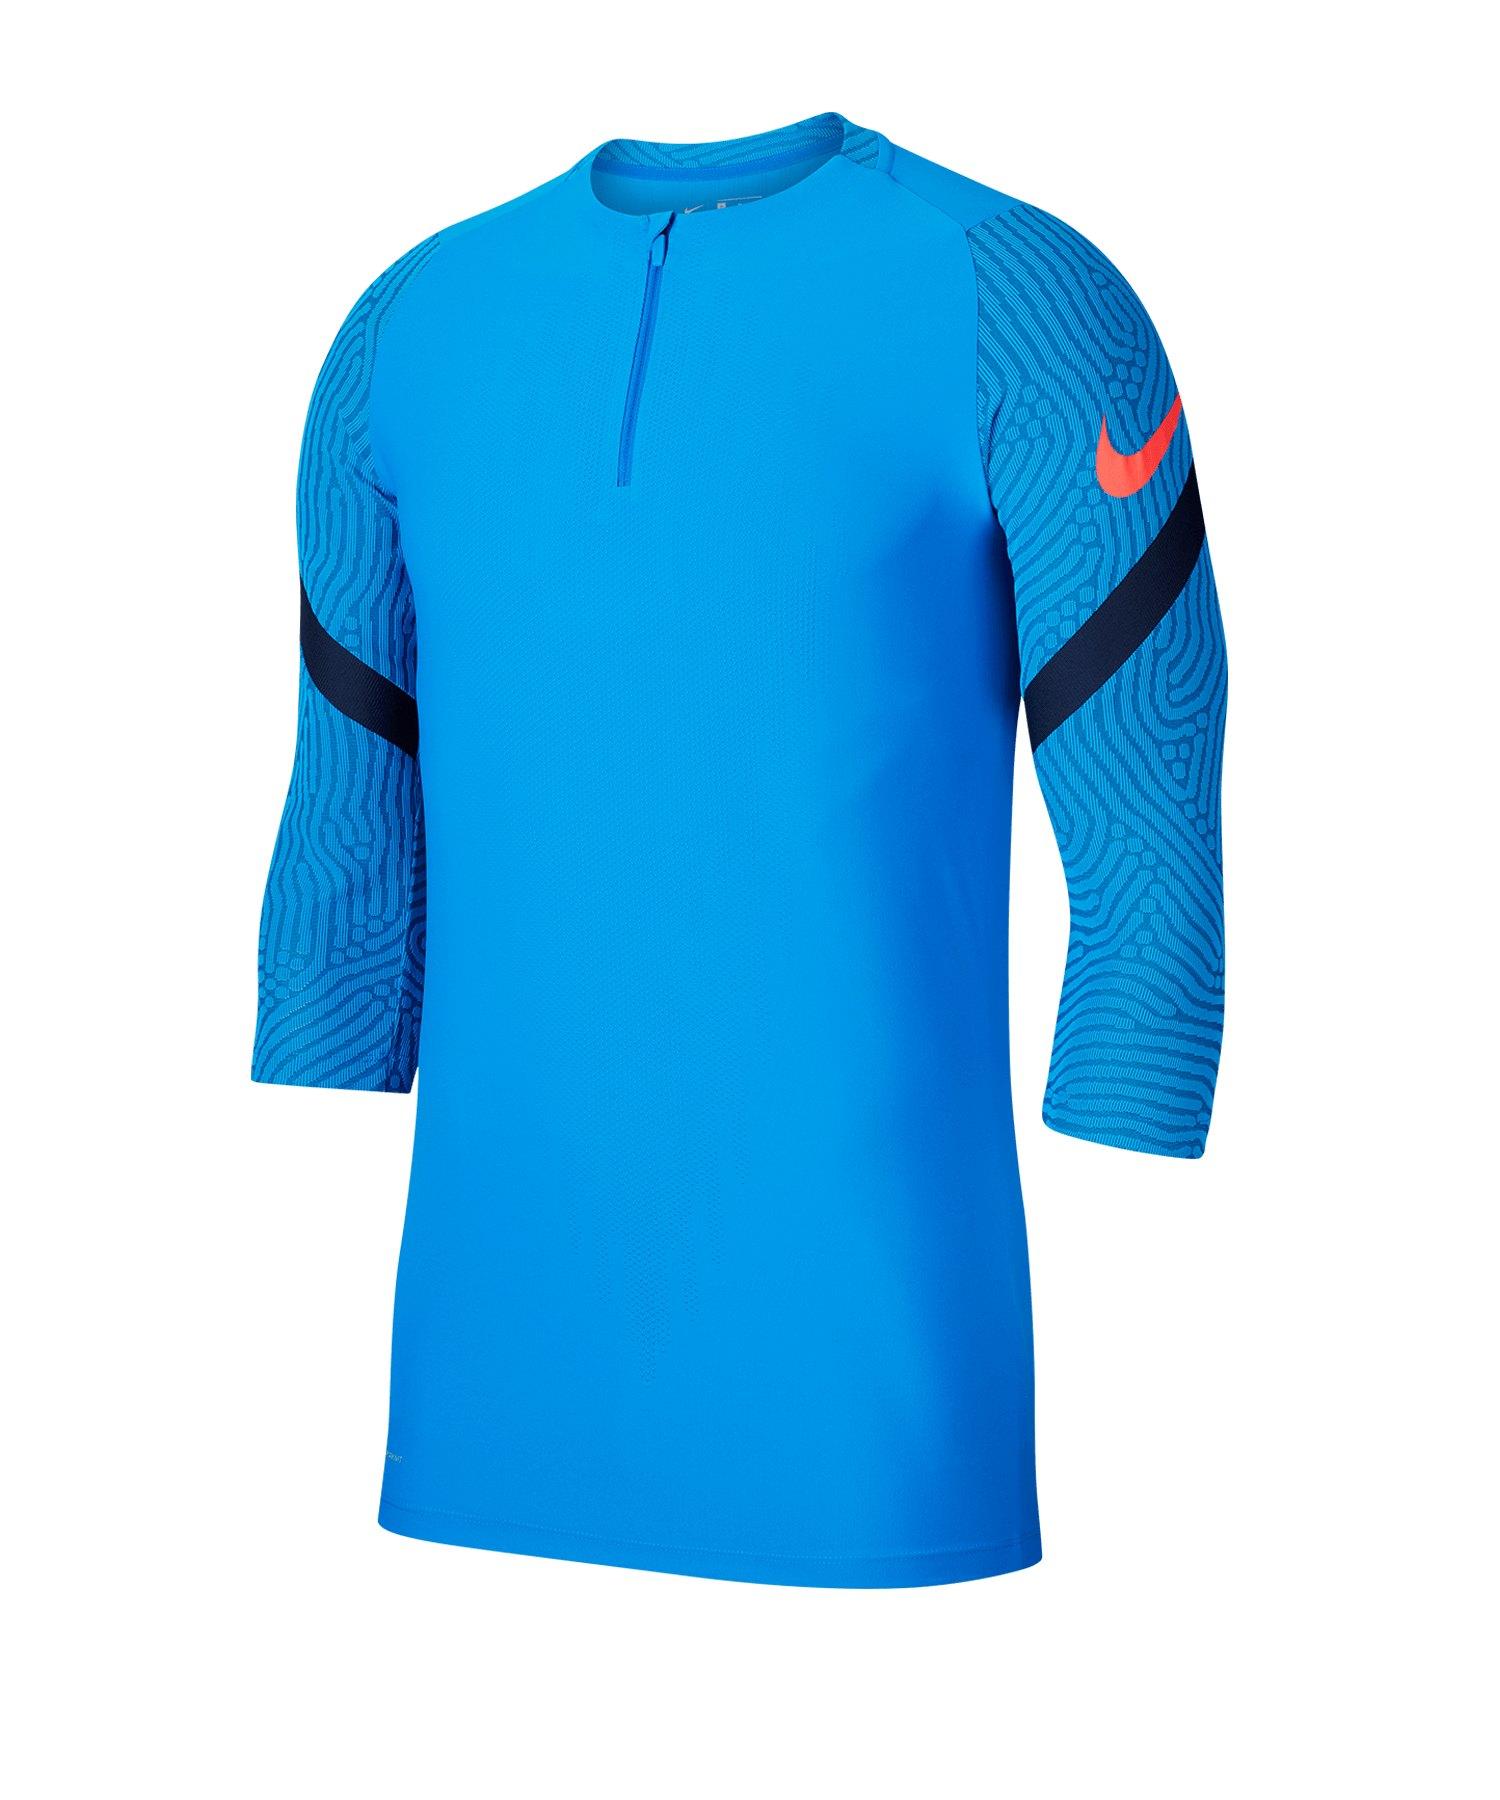 Nike Strike Vaporknit 1/4 Zip Drill Top LS F410 - blau